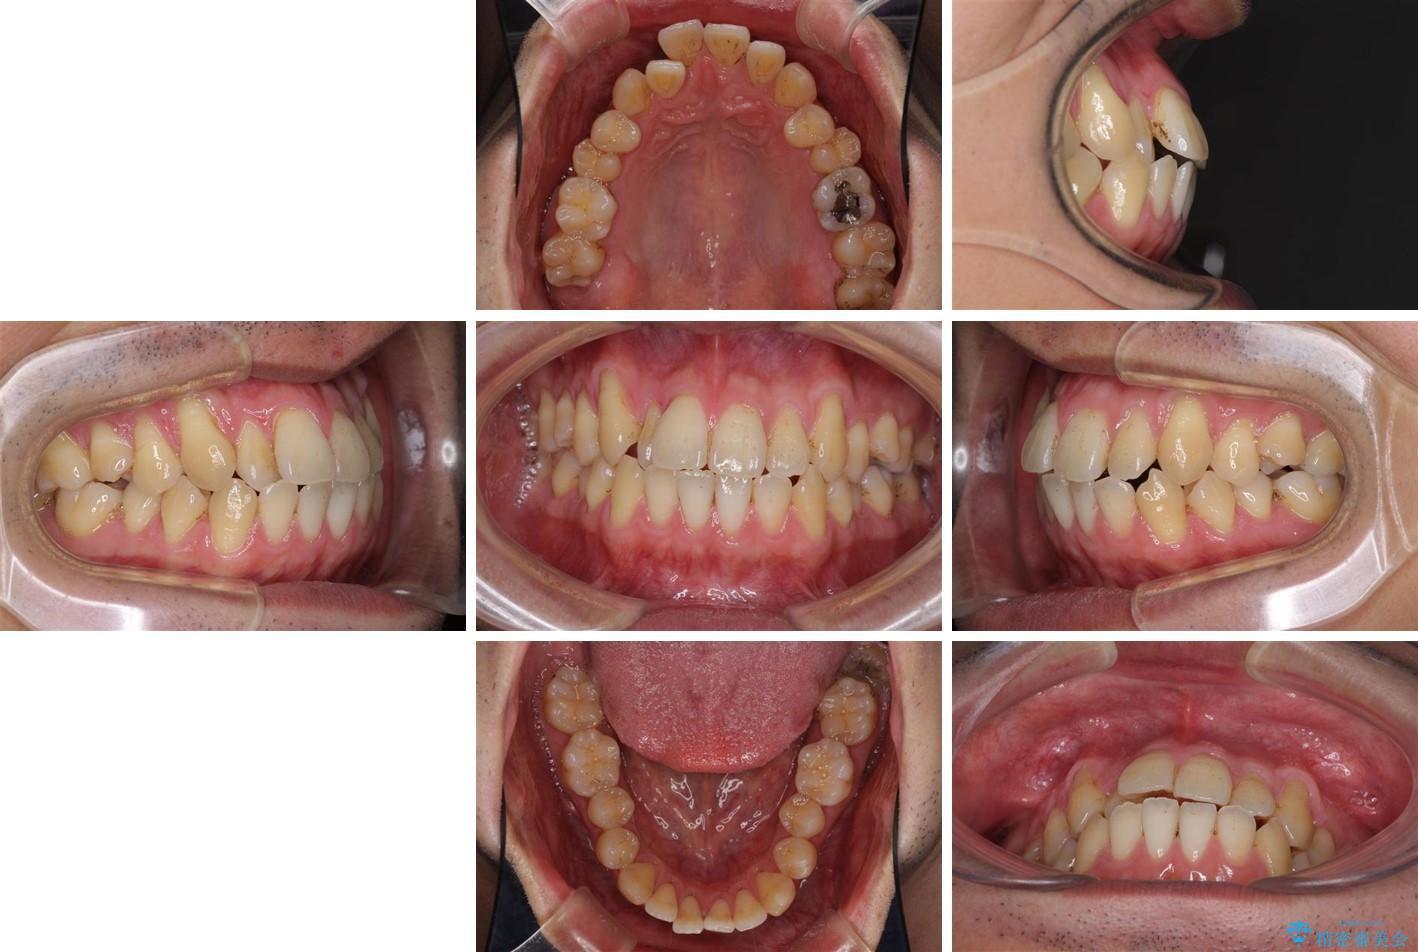 インビザラインによる矯正歯科治療と前歯の根面被覆 治療前画像